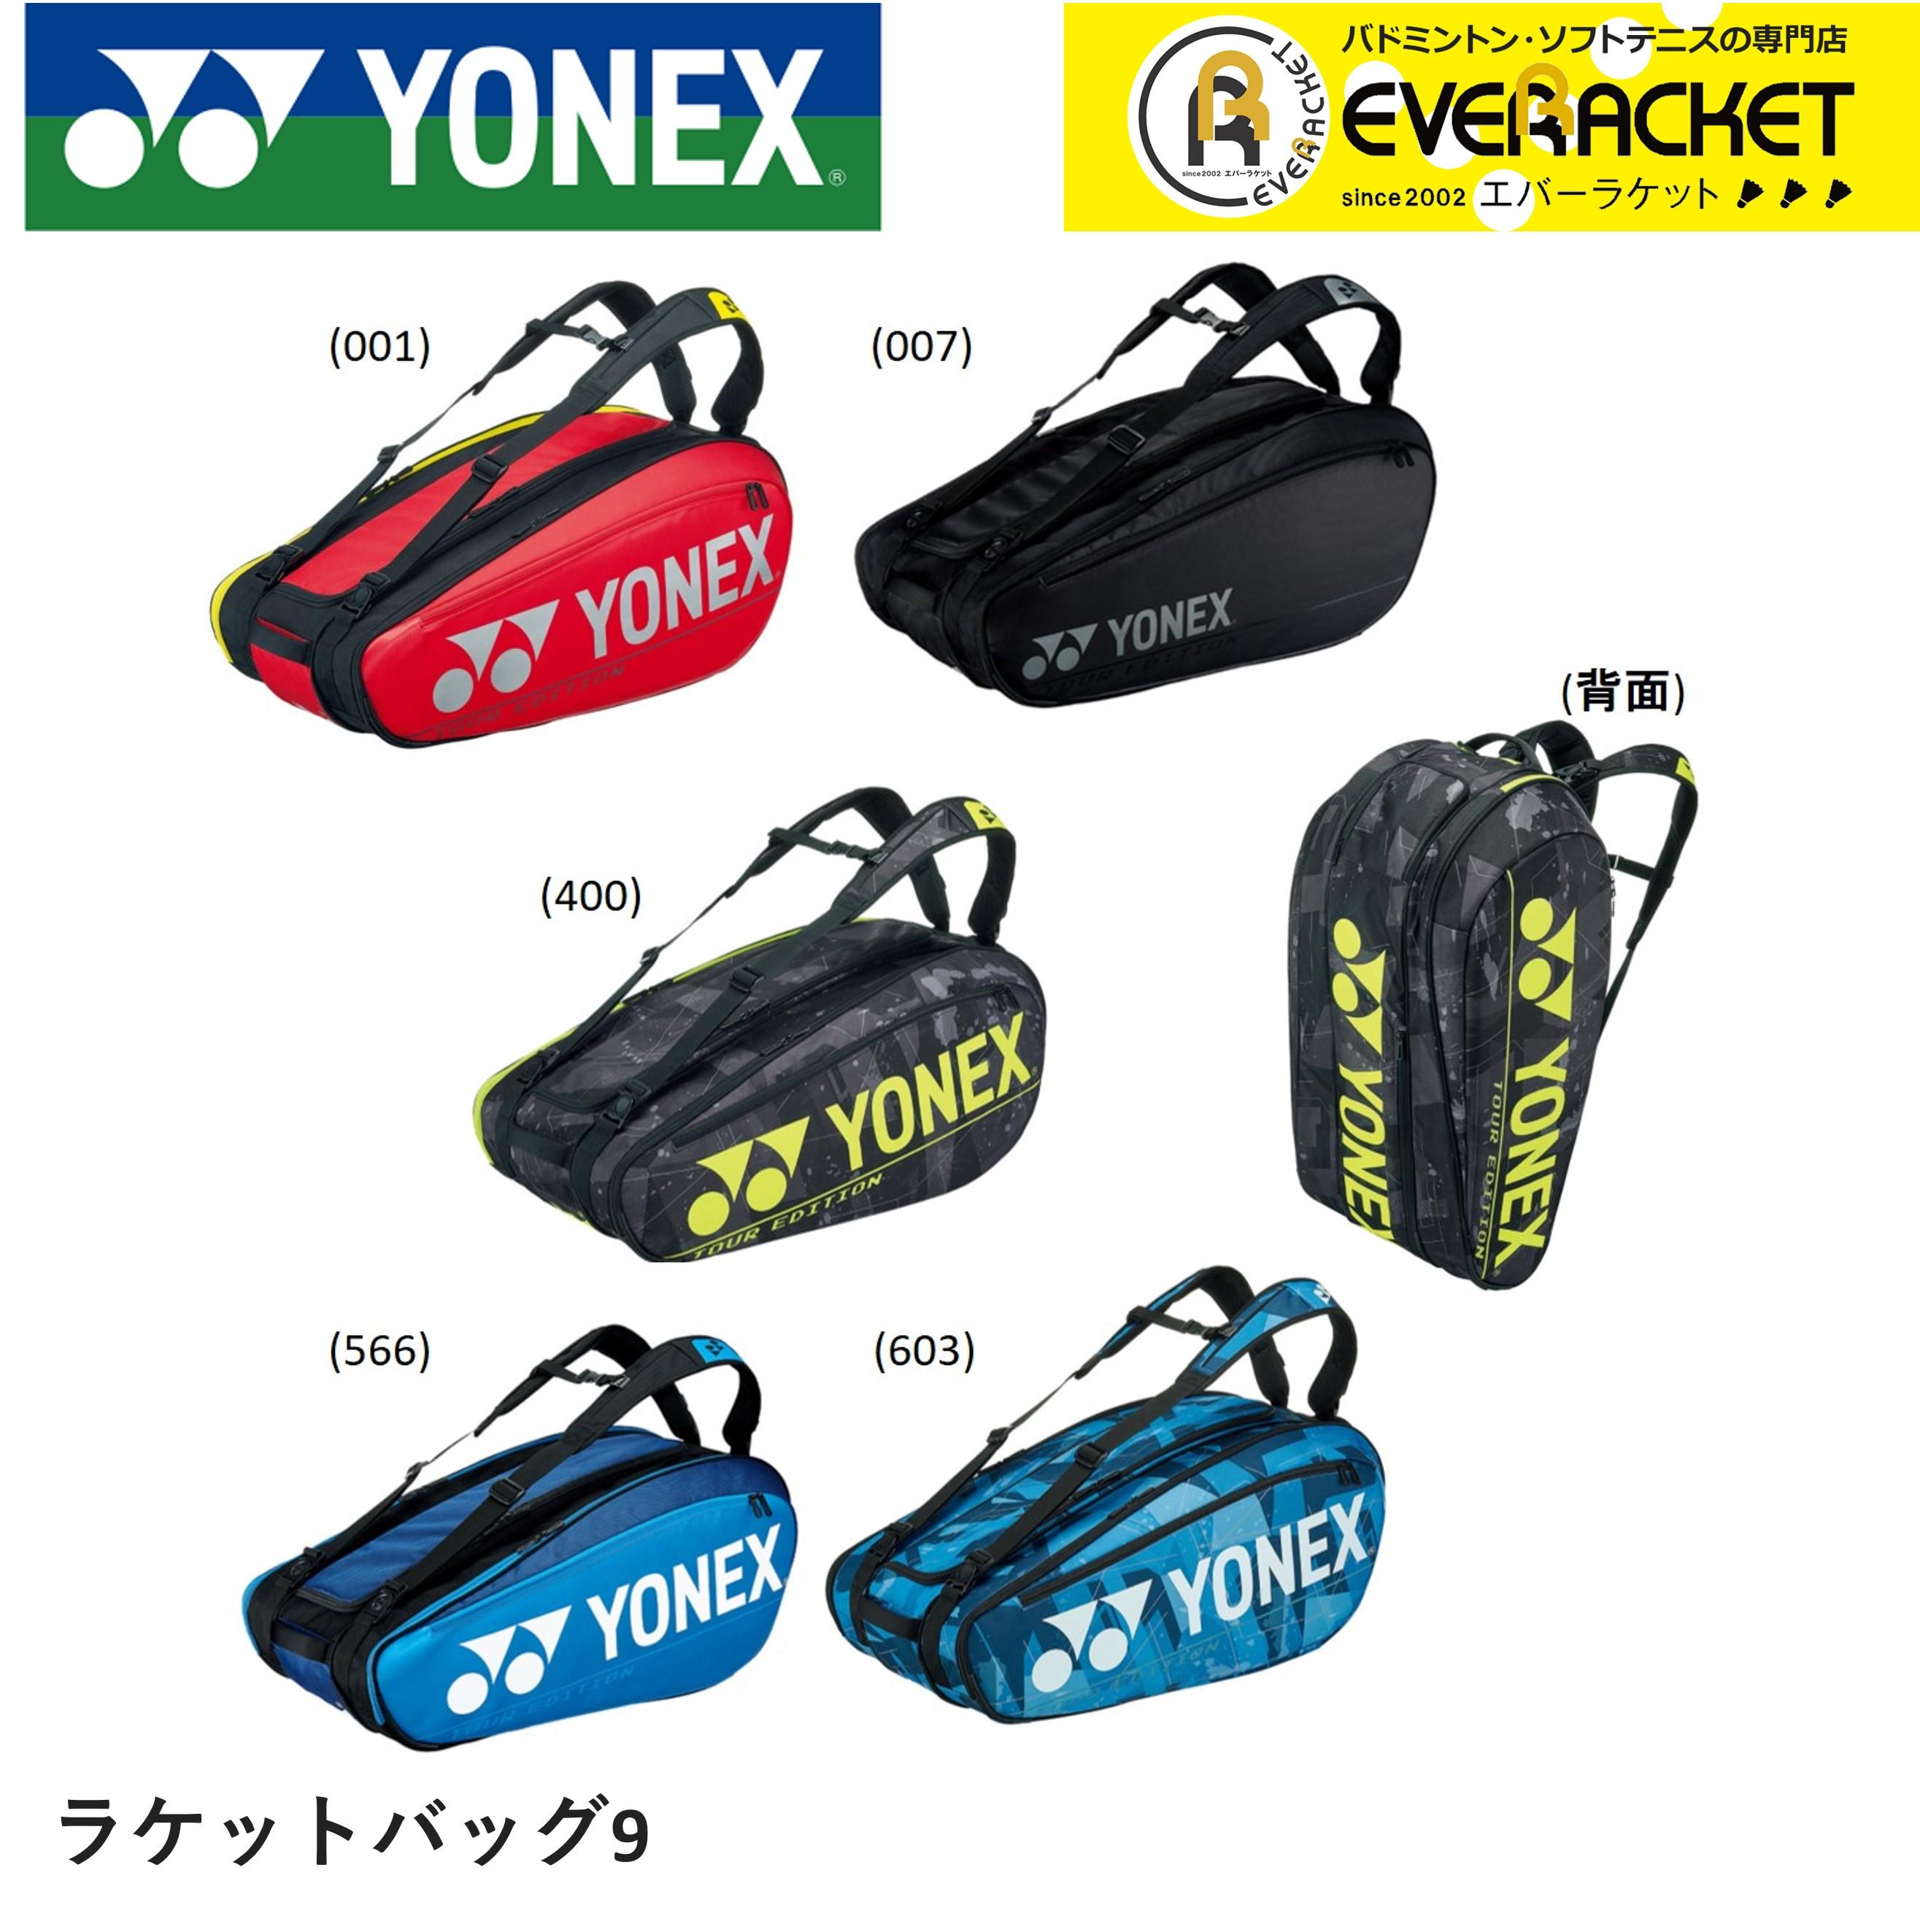 ヨネックス YONEX バッグ ラケットバッグ9 BAG2002N バドミントン・テニス